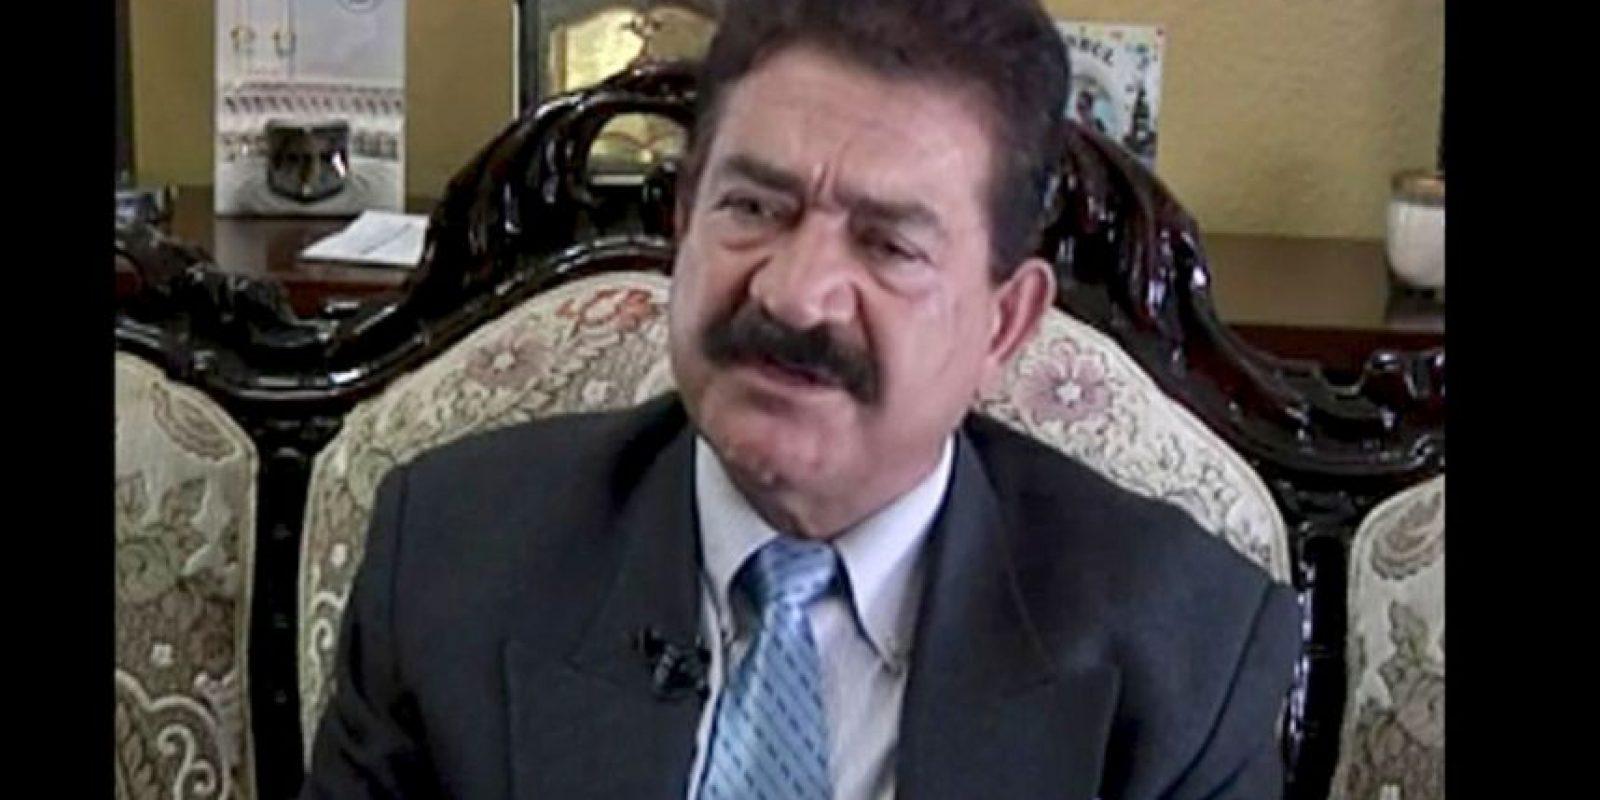 """El padre de Omar, Seddique Mir Mateen, ha declarado que """"Dios va a castigar a los homosexuales"""". Foto:AP. Imagen Por:"""